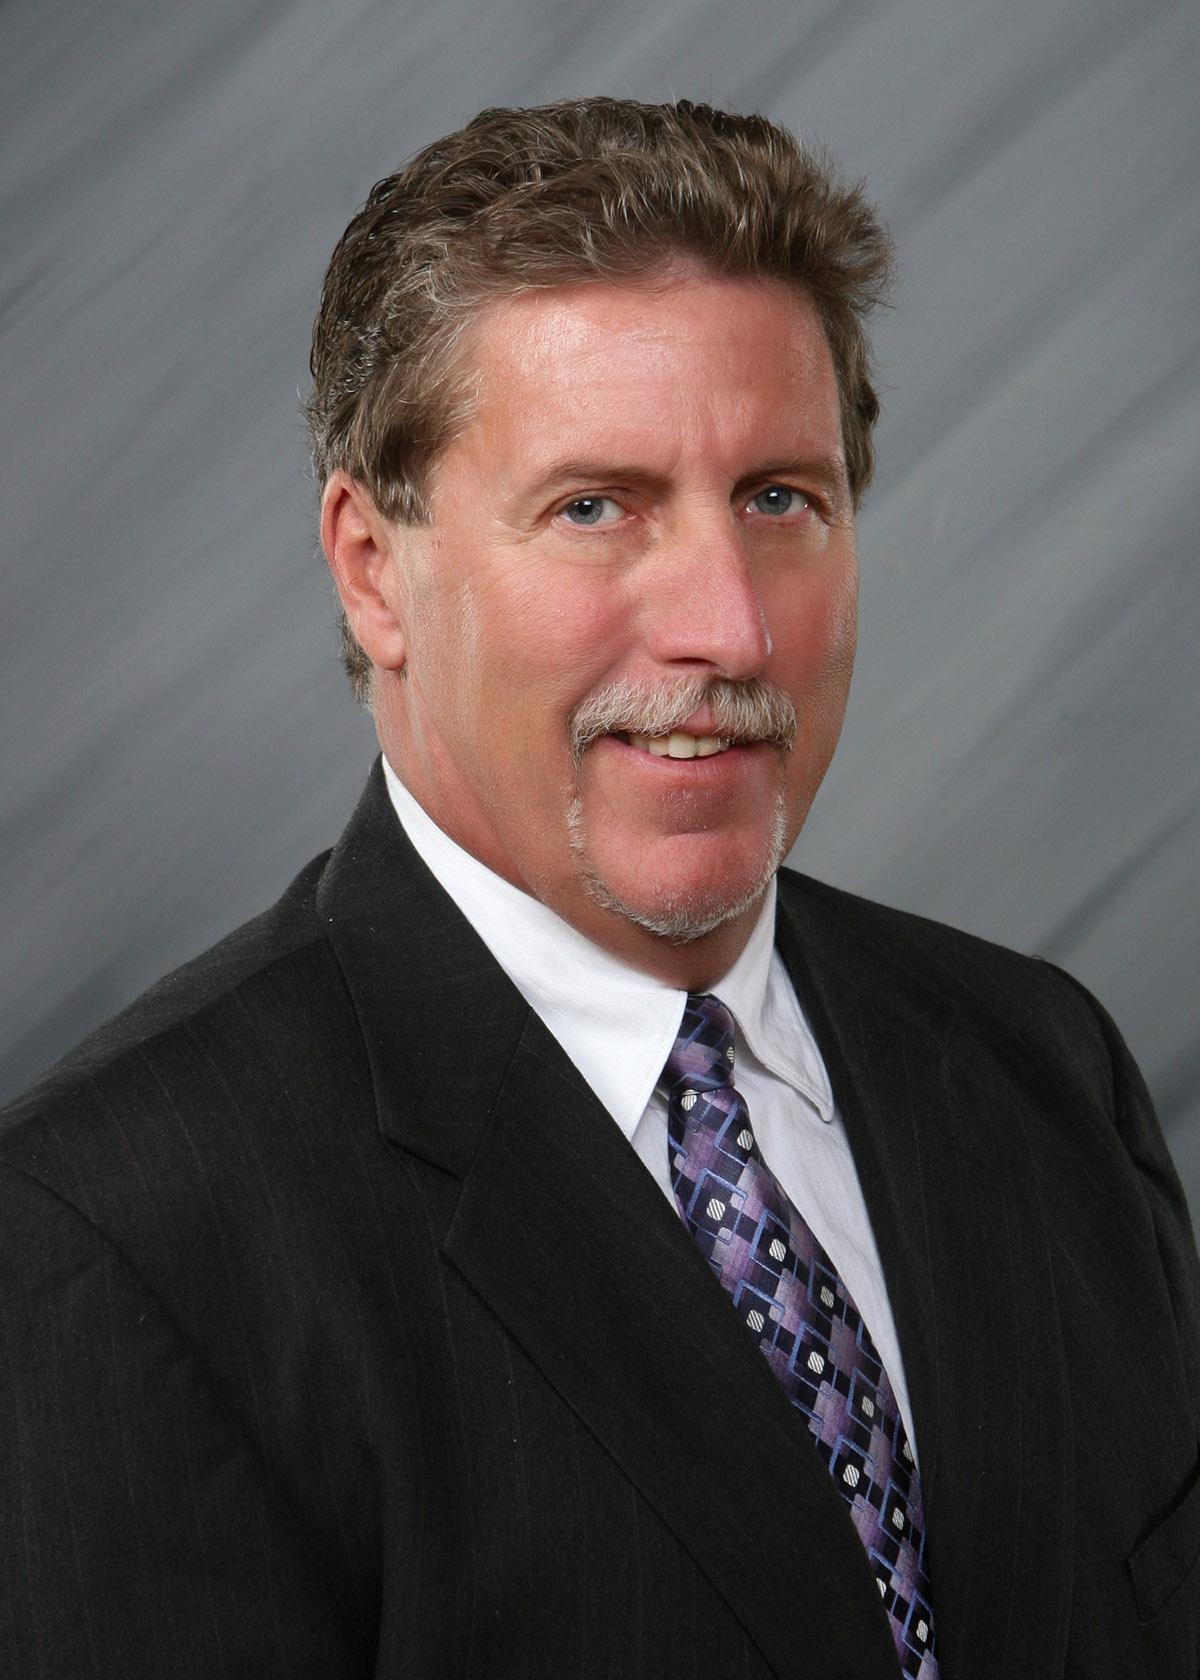 Robert Allmandinger